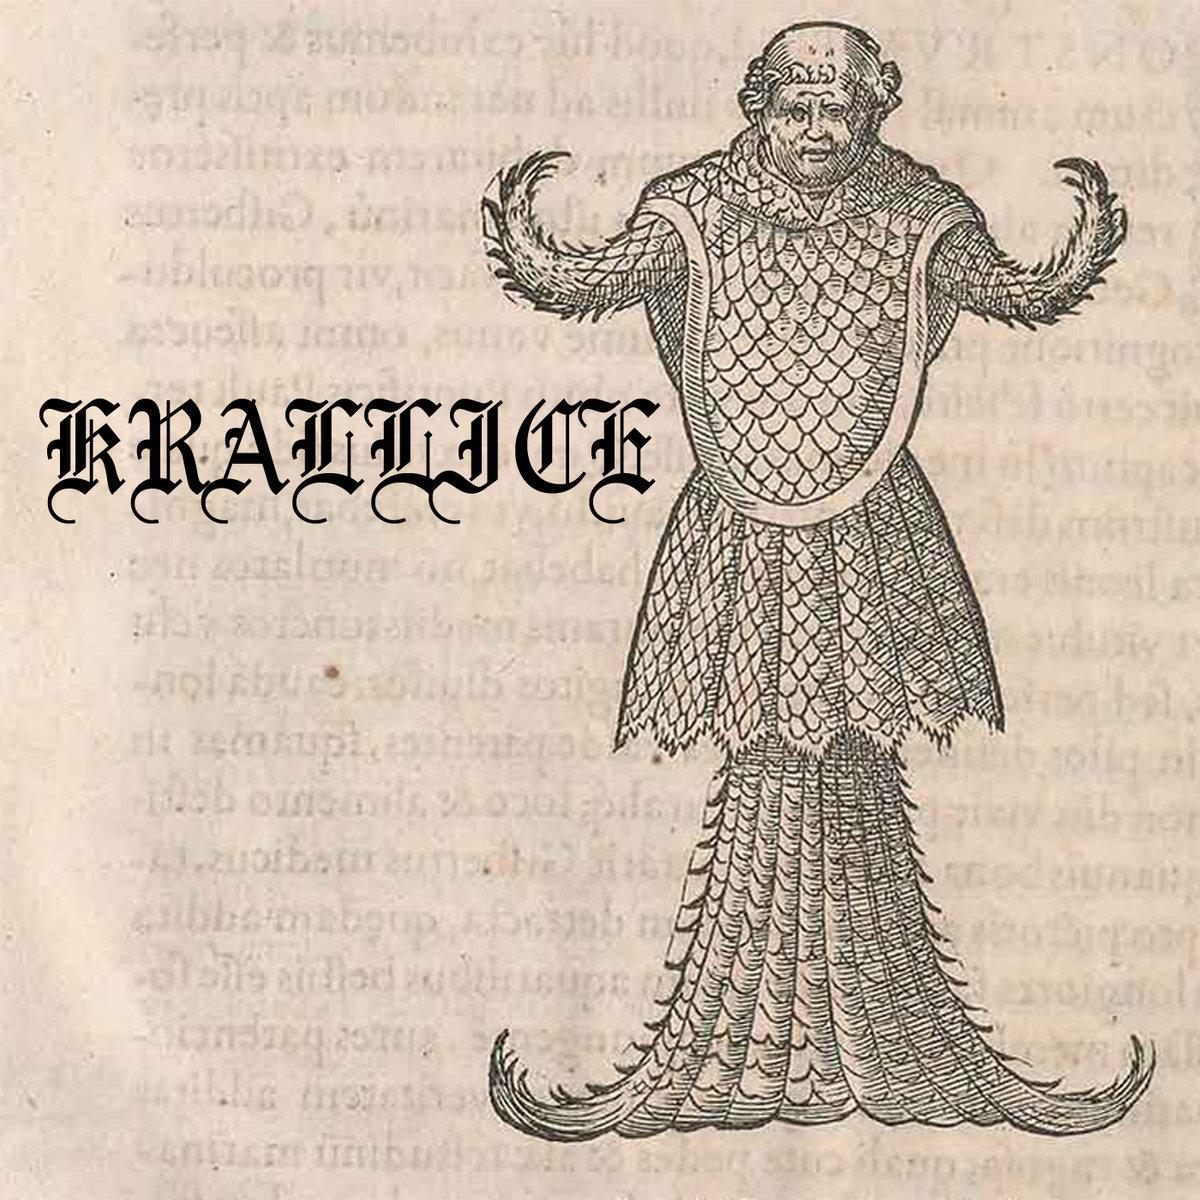 Krallice's DEMONIC WEALTH cover